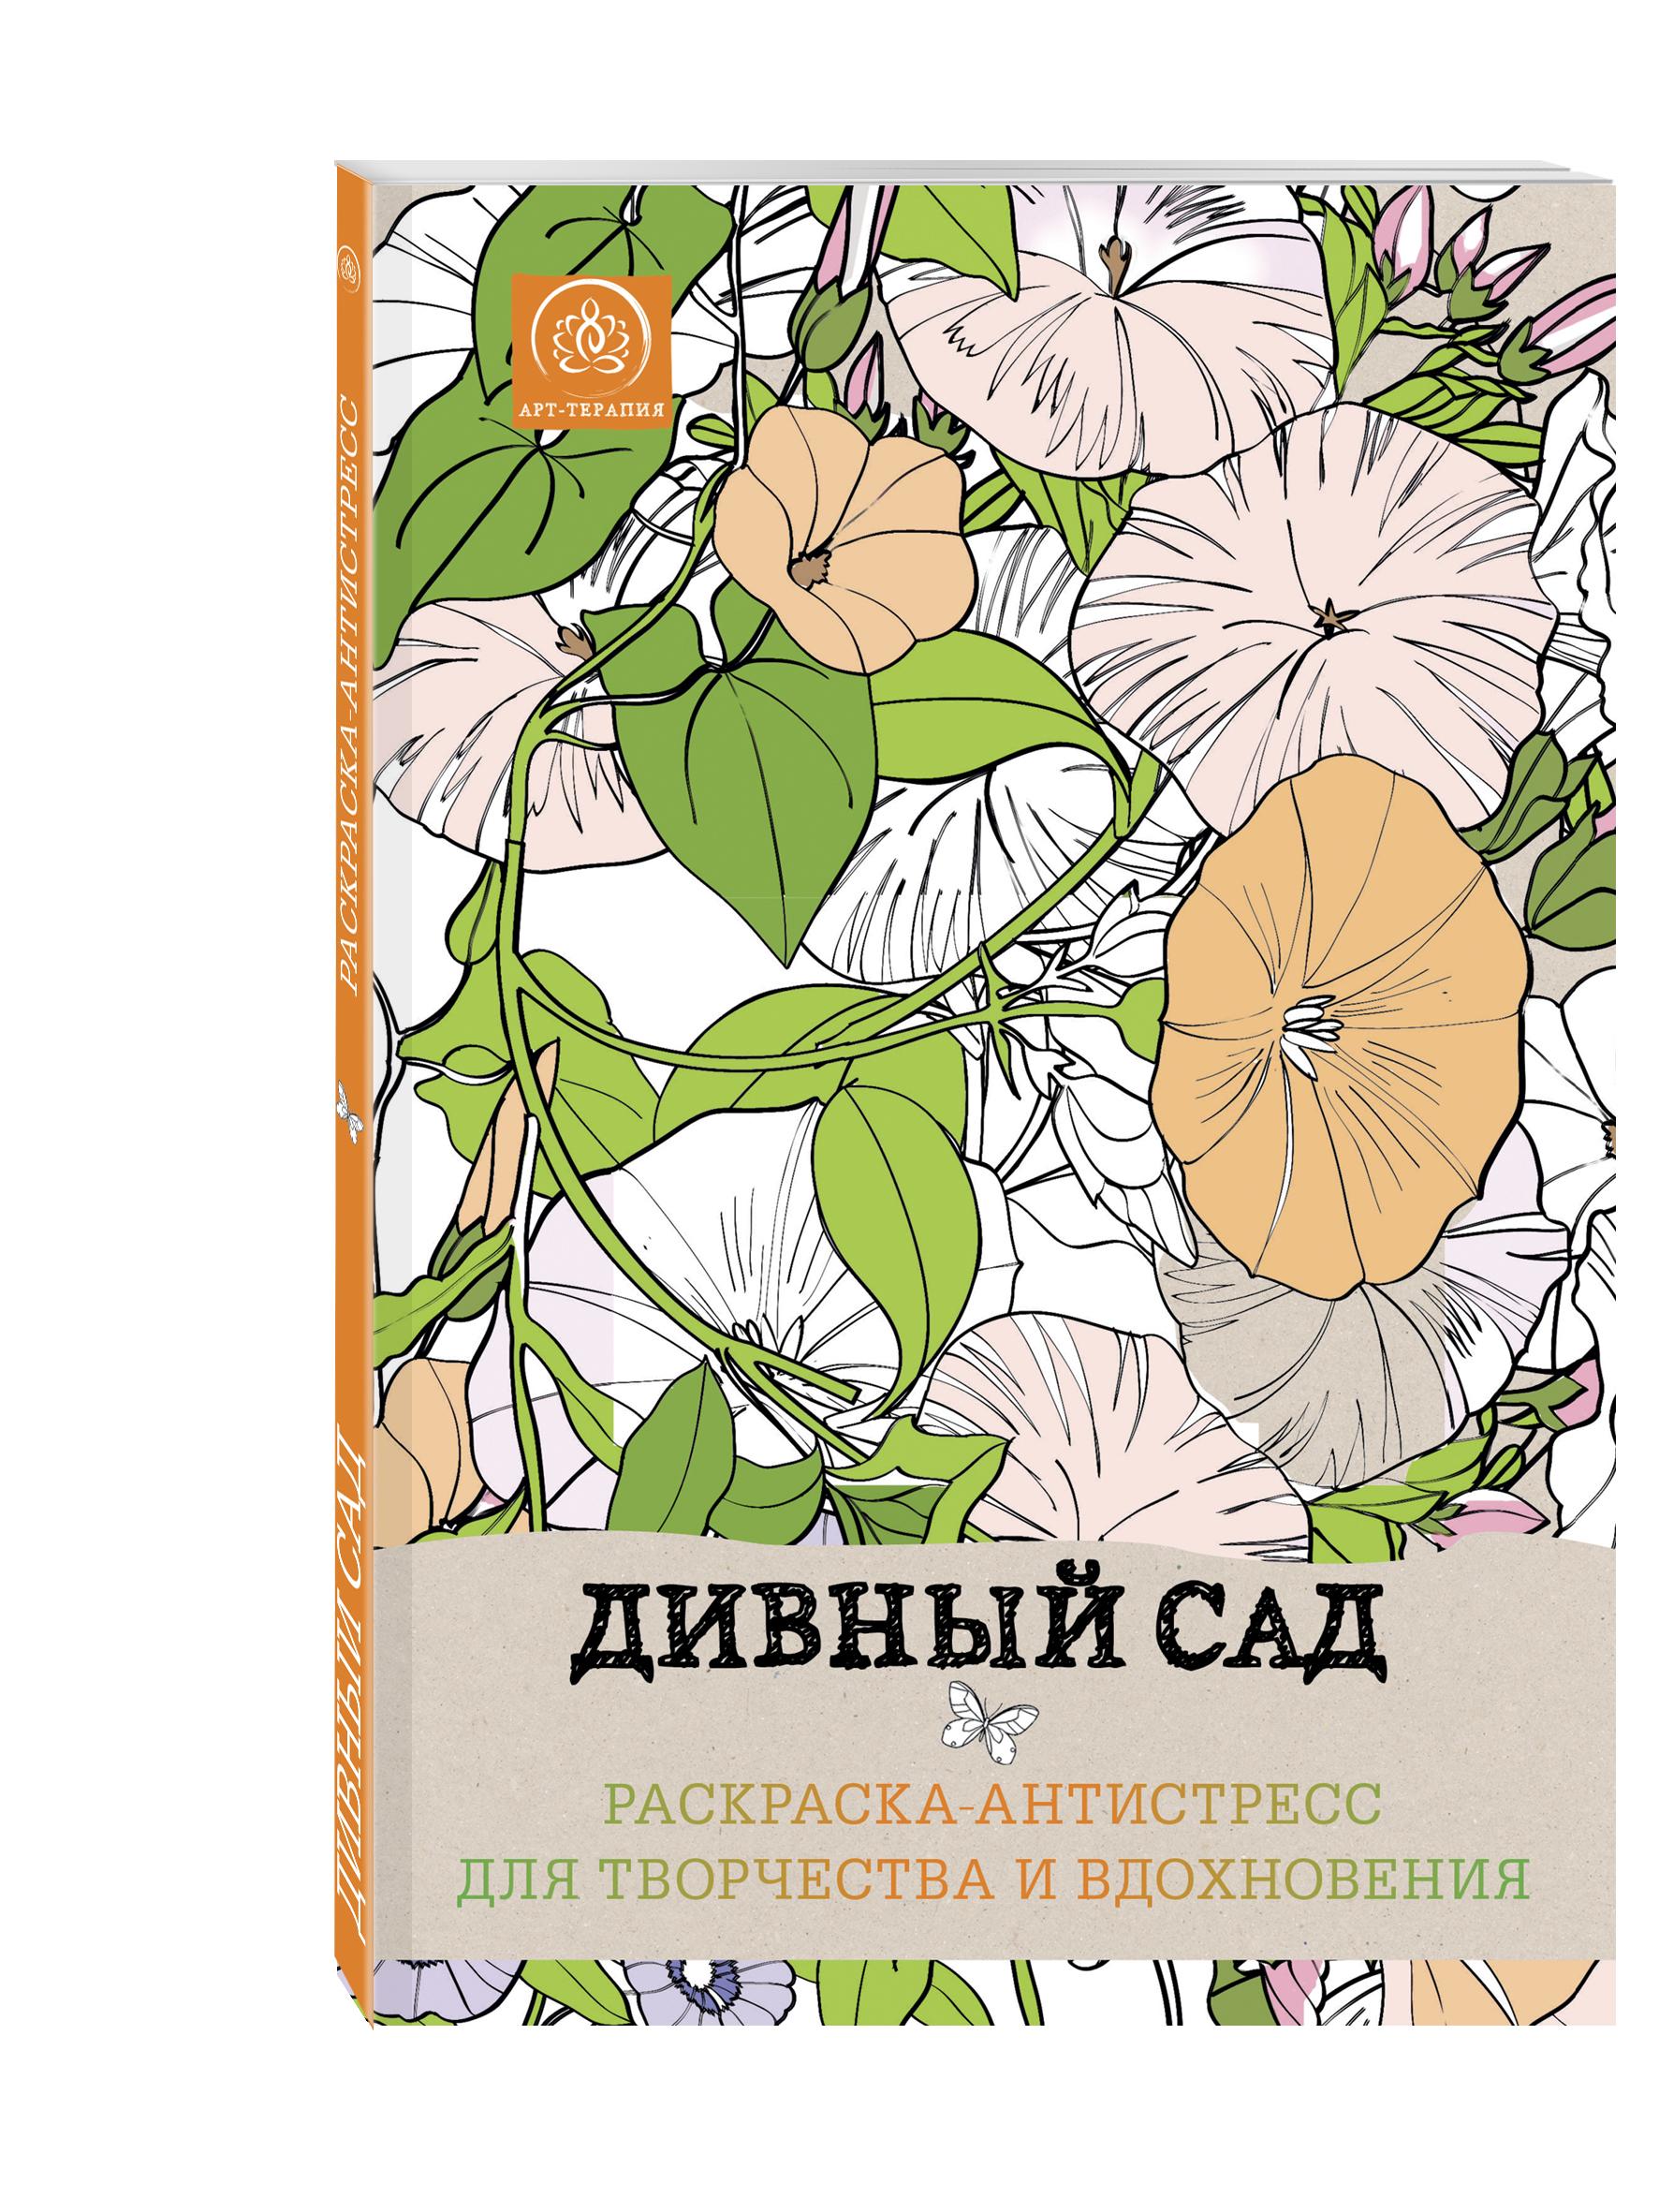 Дивный сад,Раскраска-антистресс для творчества и вдохновения,